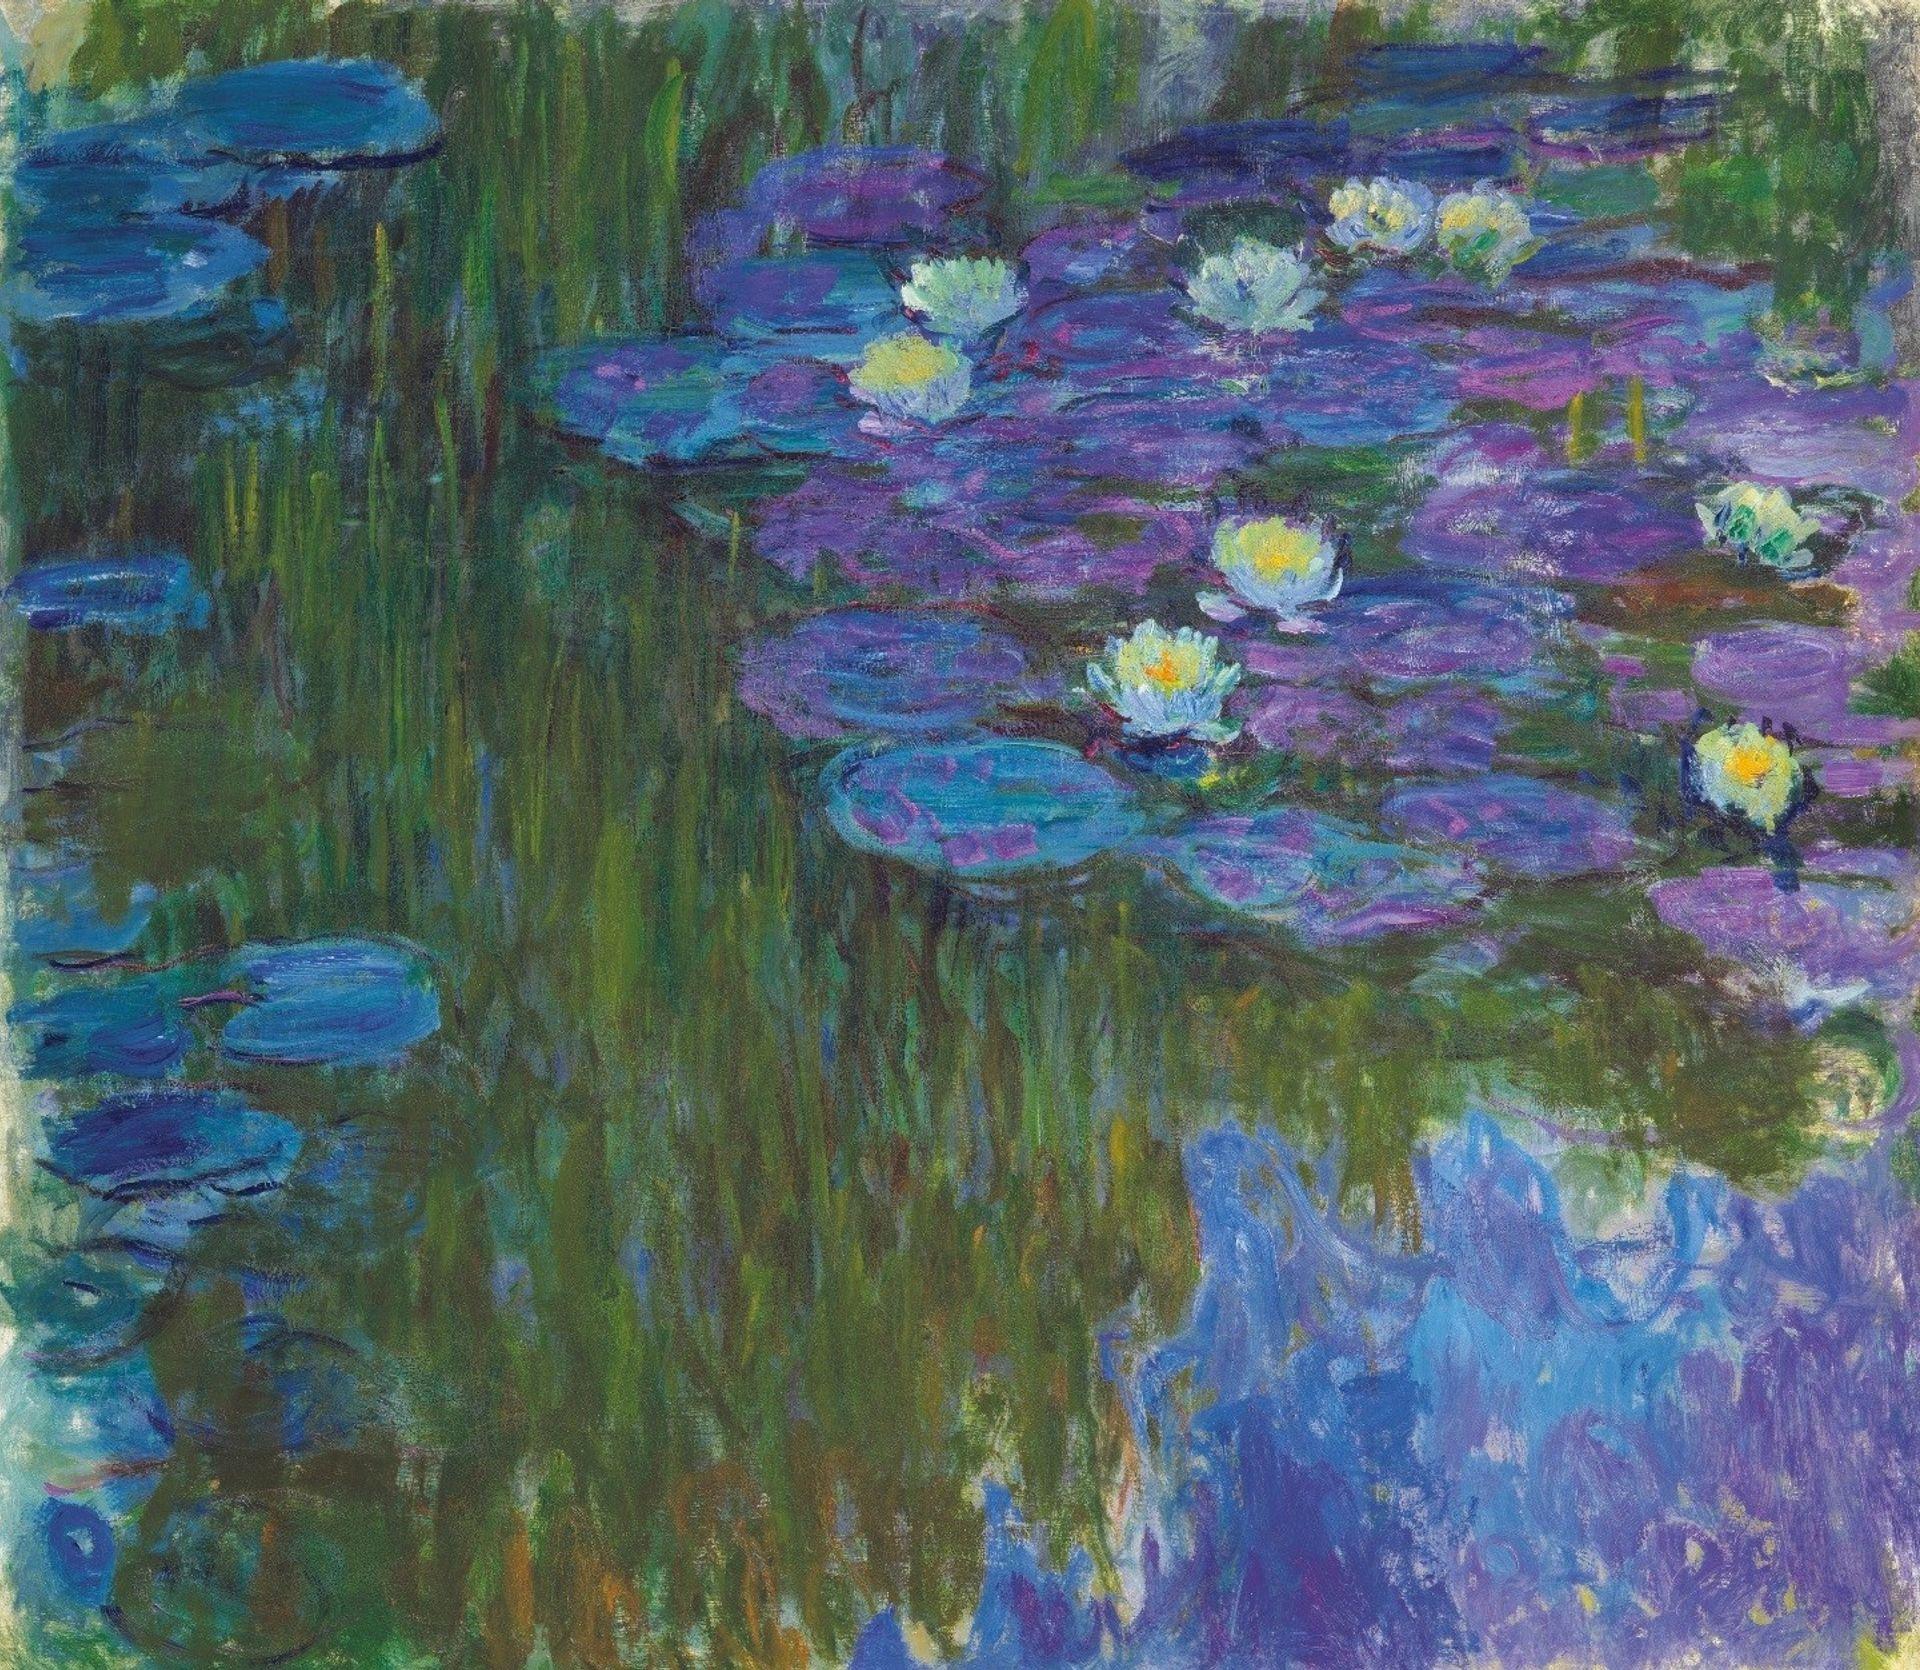 Nymphéas en fleur (1914-17) set a new artist record for Claude Monet Christie's Images LTD